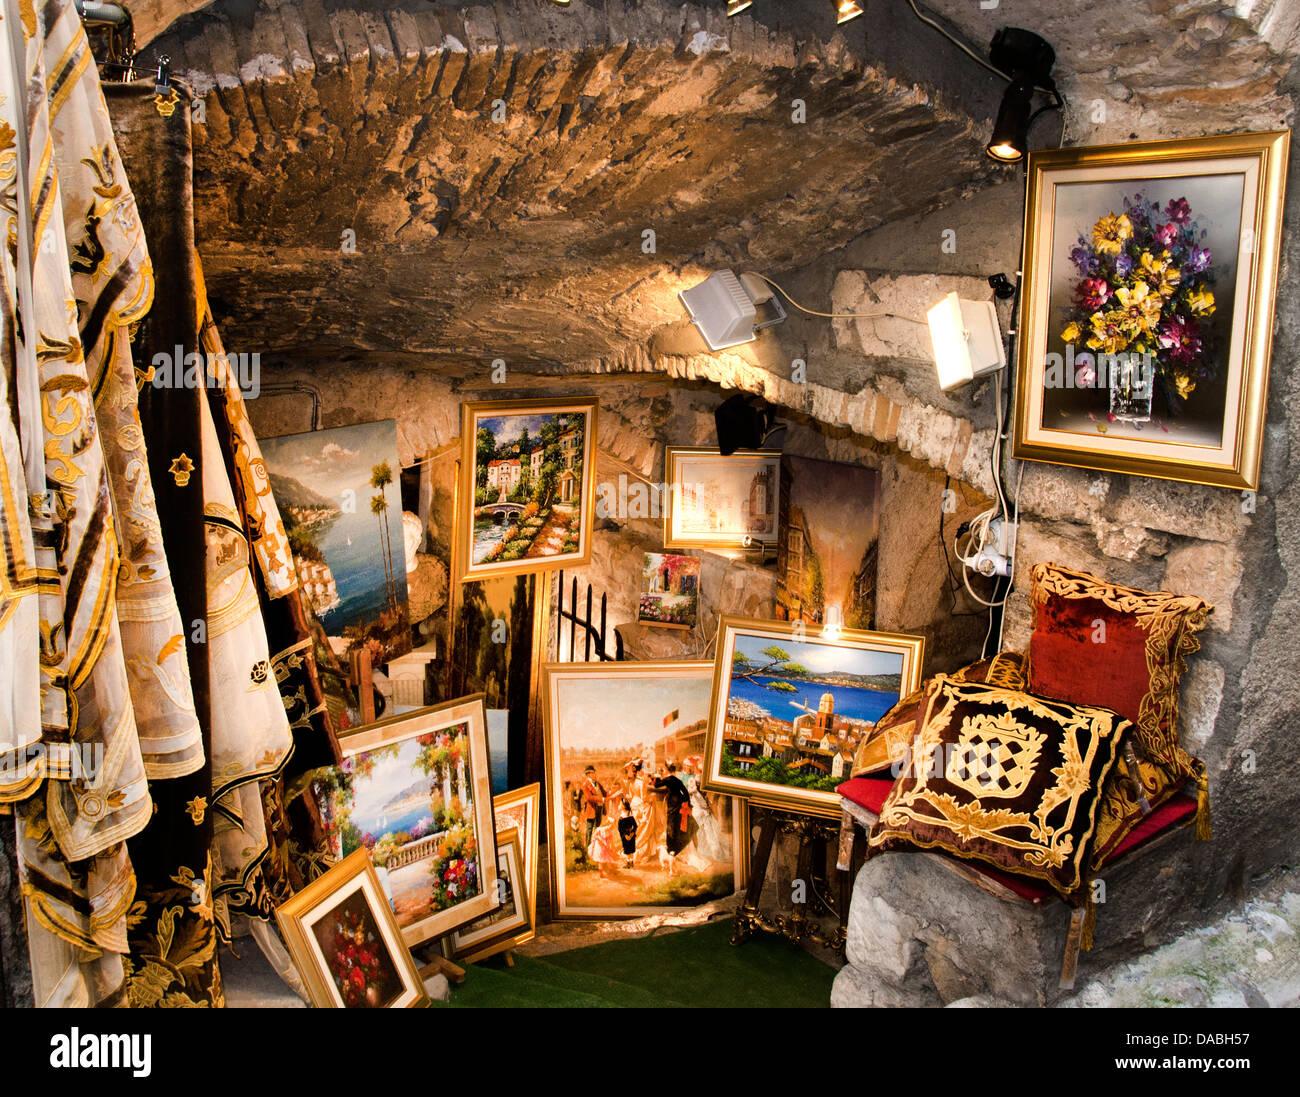 Saint Paul De Vence Art saint paul de vence france cote d'azur art gallery stock